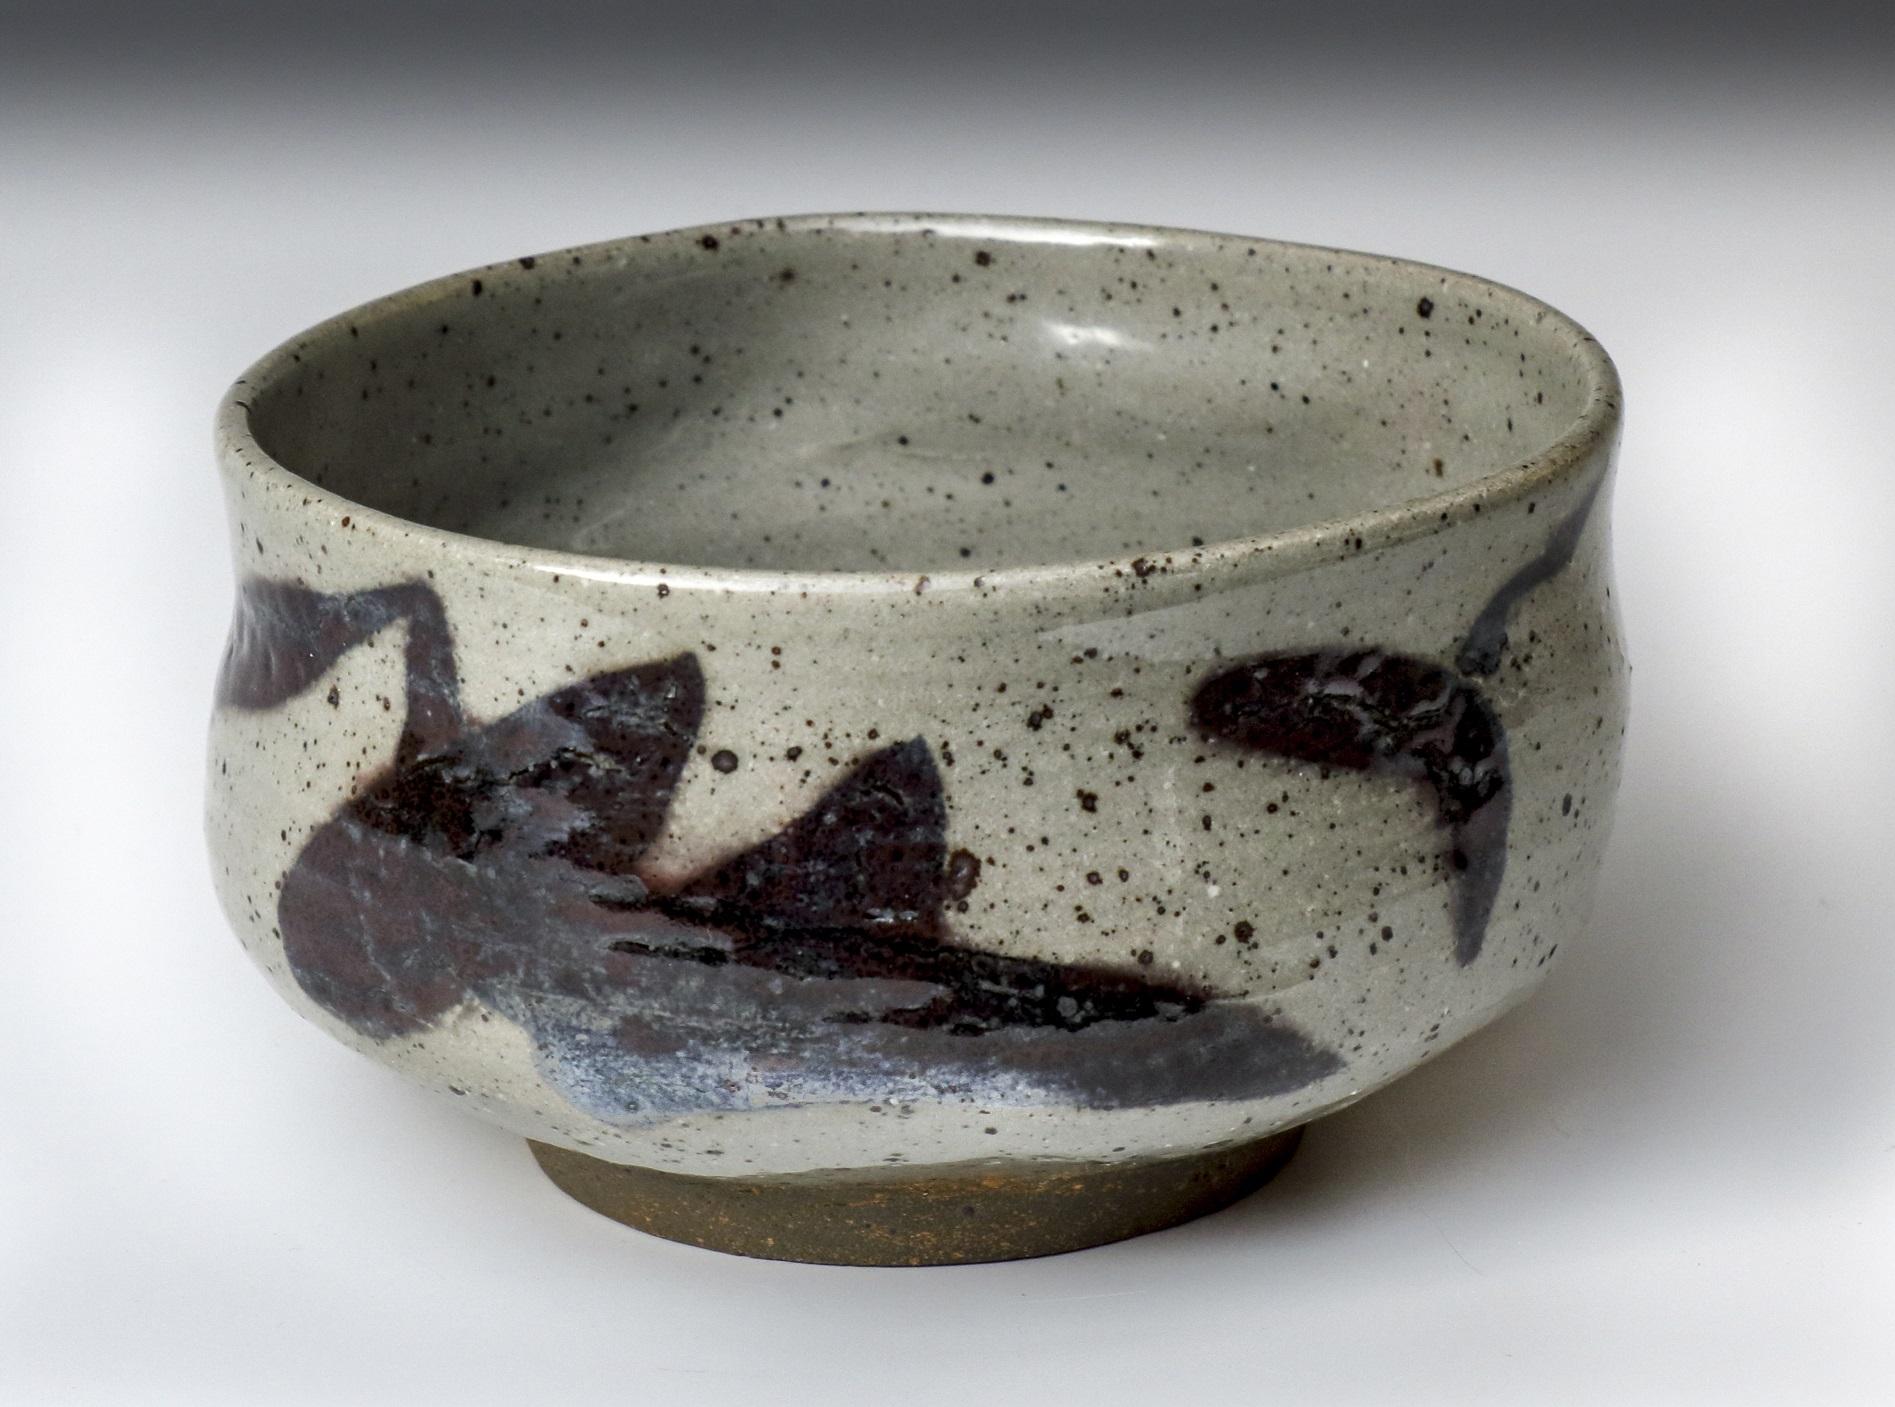 Ana-Belén Montero: Chawan en grès pyrité, émail céladon sur oxydes, cuisson dans un four à bois à 1280°C, 2014.